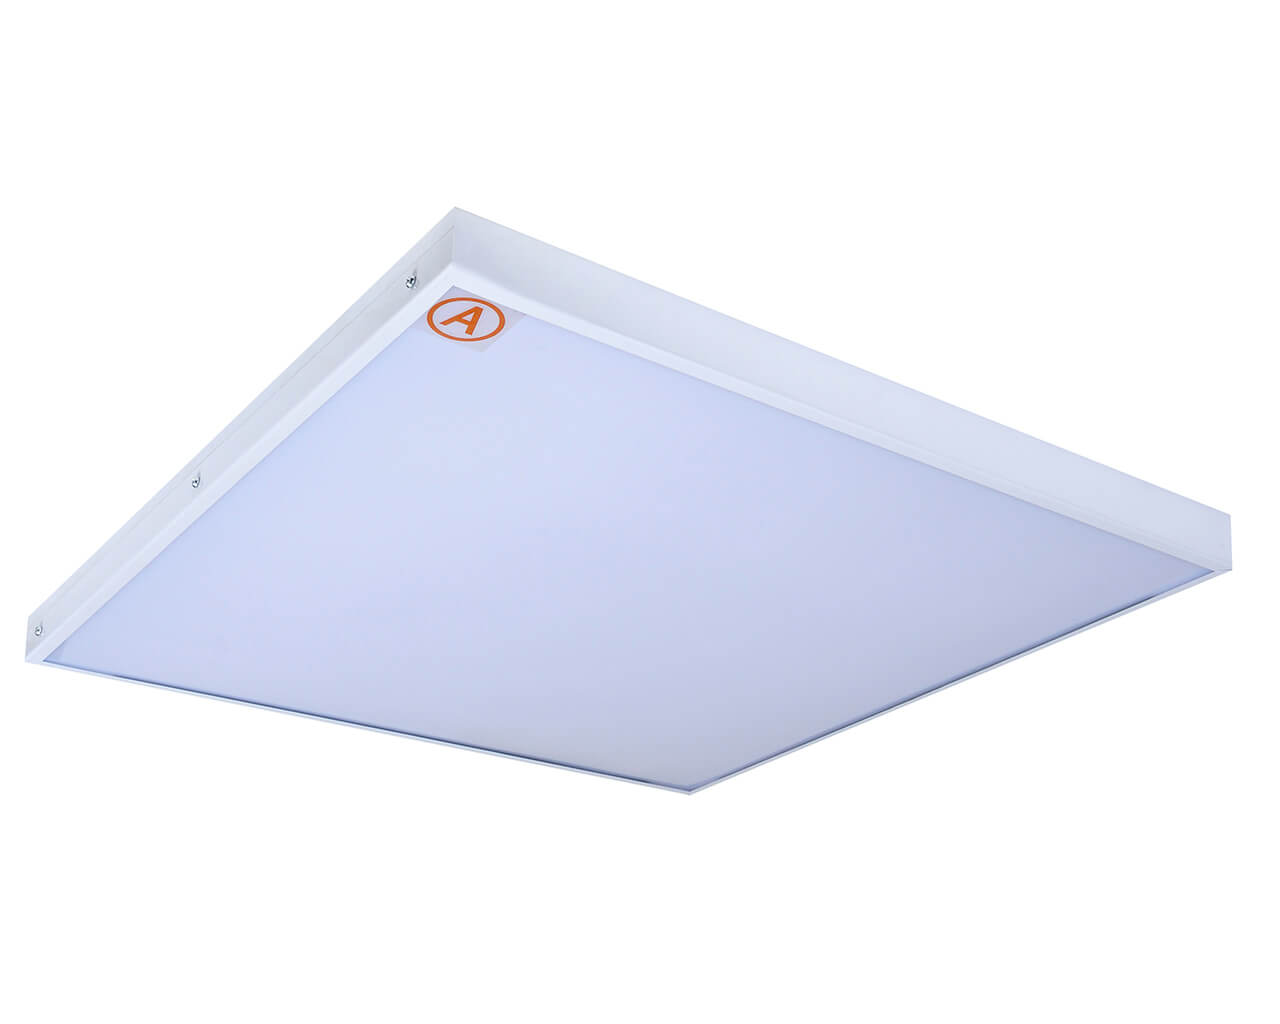 Универсальный светильник LC-US-60-OP-WW ватт 595x595 Теплый белый Опал с Бап-3 часа